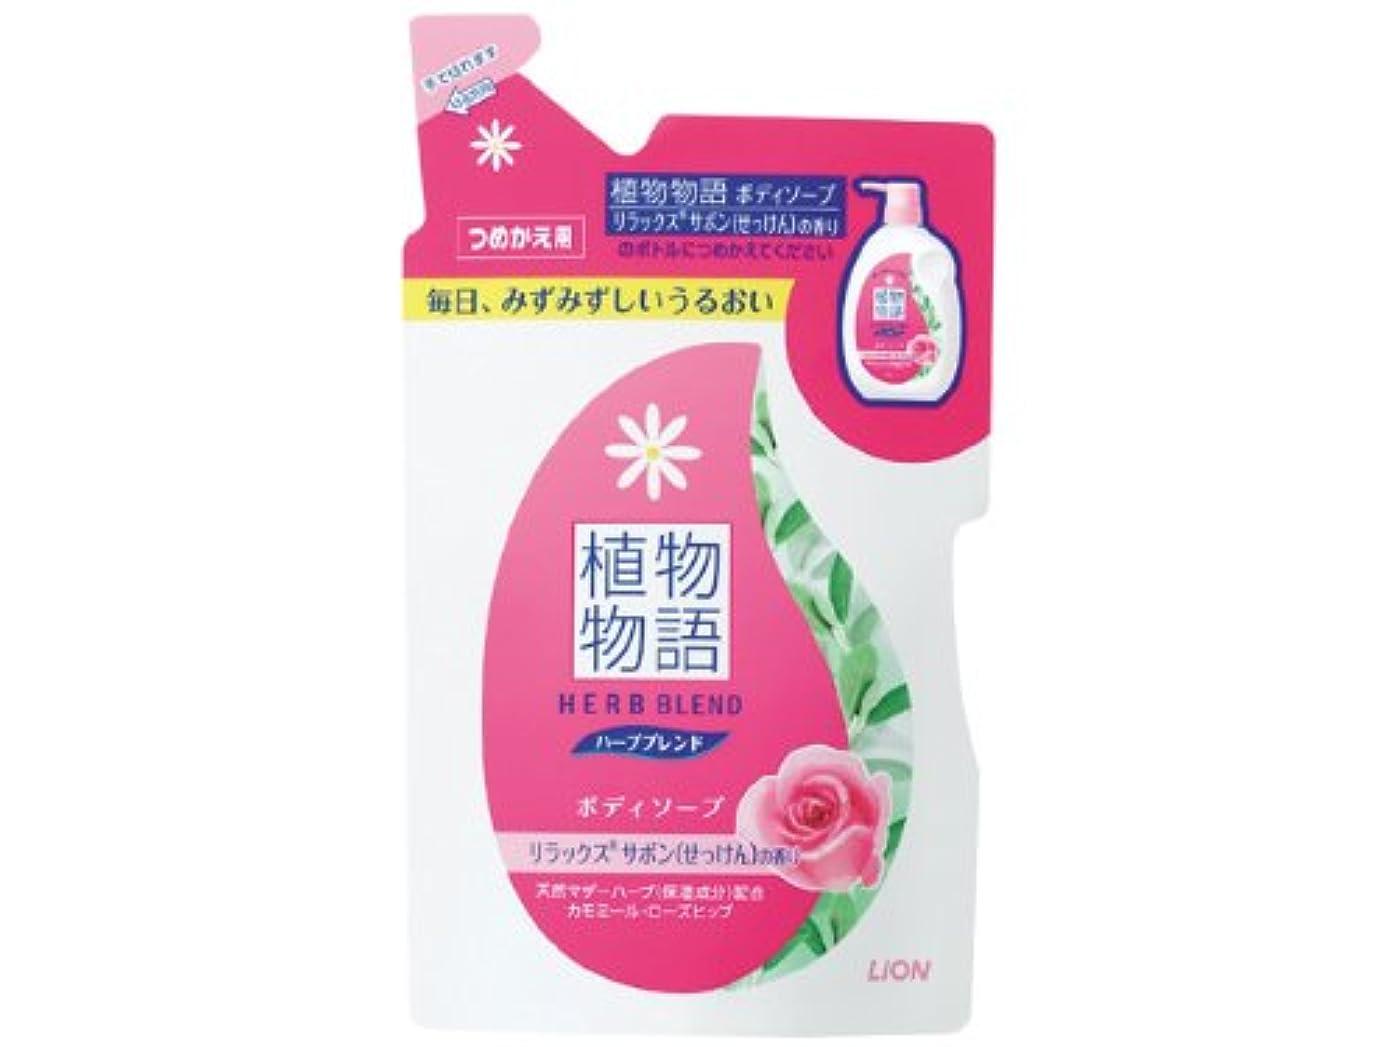 留め金貧しい幸福植物物語 ハーブブレンド ボディソープ リラックスサボン(せっけん)の香り つめかえ用 420mL